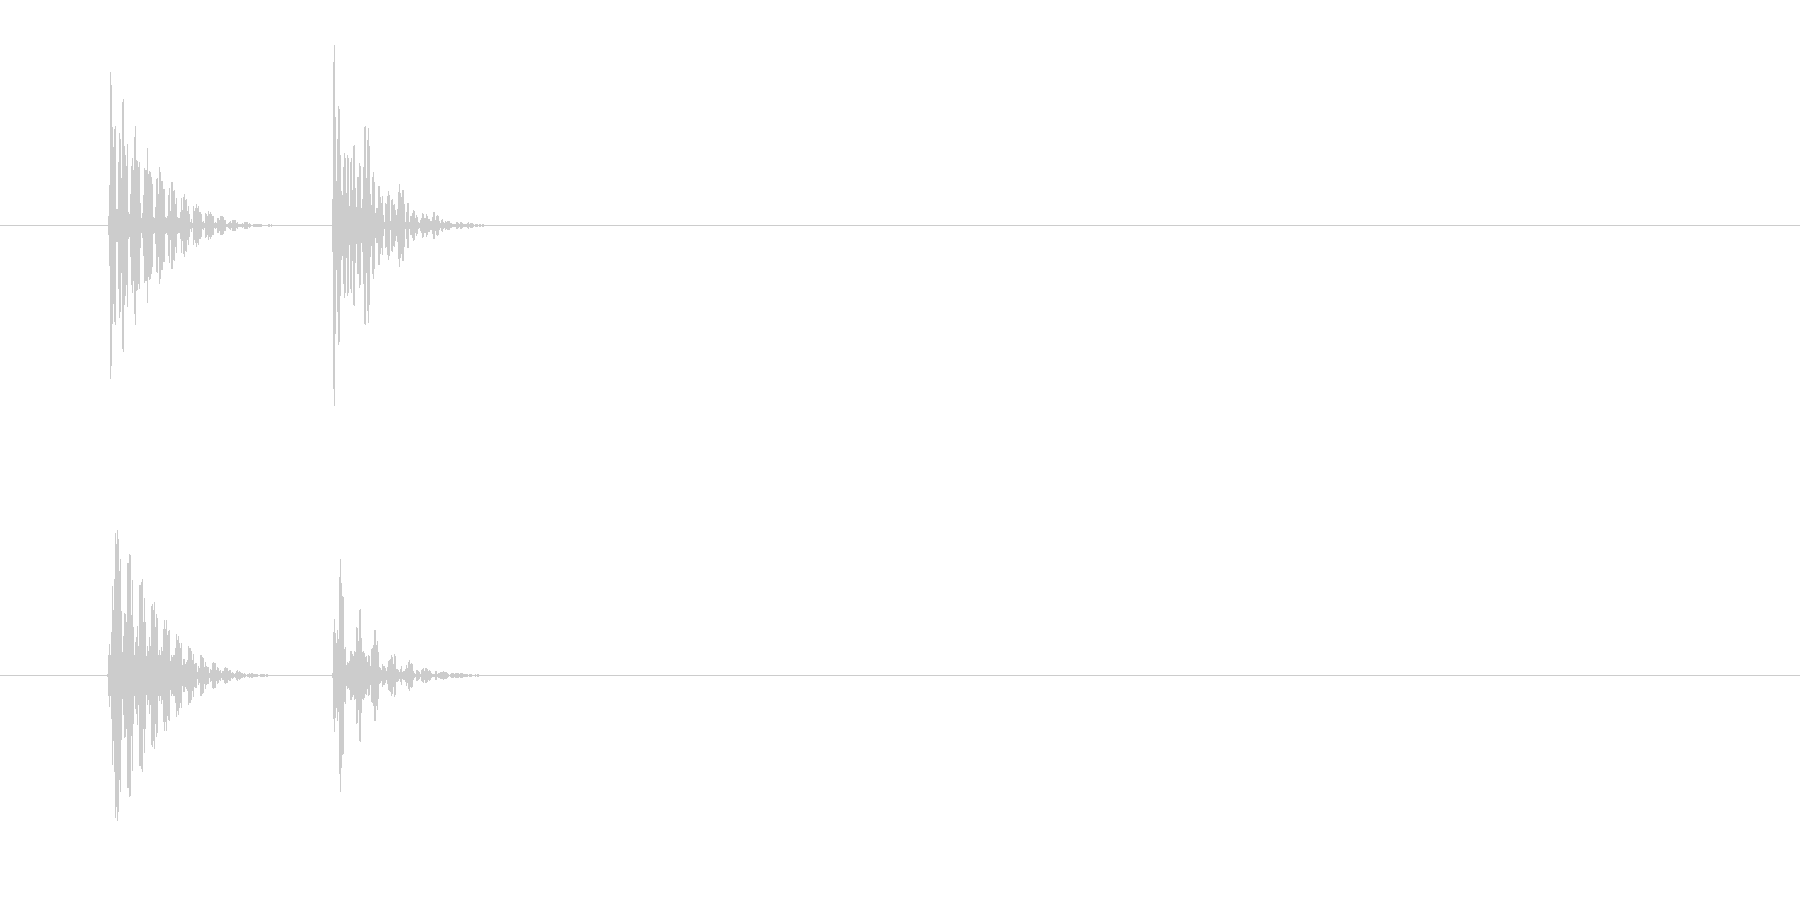 「タ↑タン↓」キャンセル音・エラー音の未再生の波形